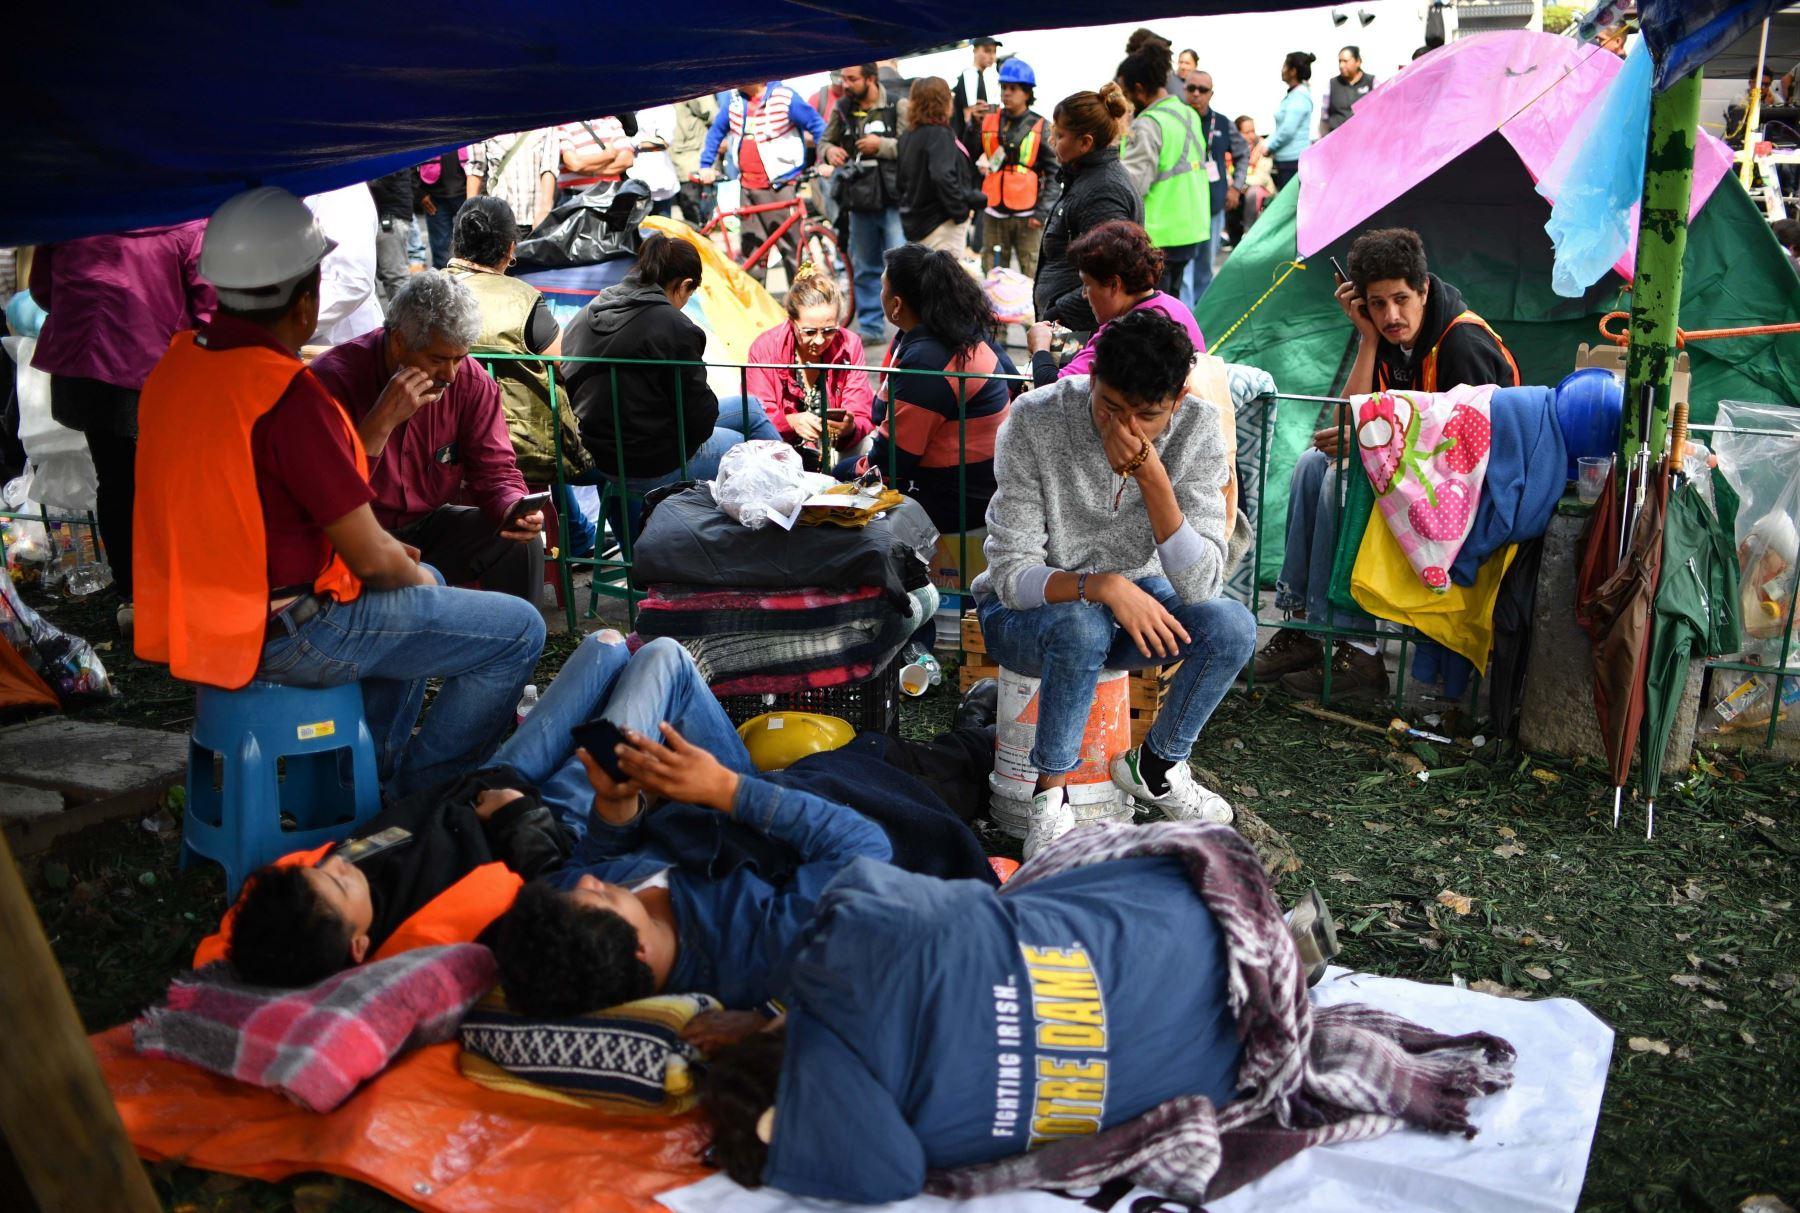 Los familiares de desaparecidos toman un descanso mientras esperan noticias ante un edificio derrumbado en la ciudad de México.Foto:AFP